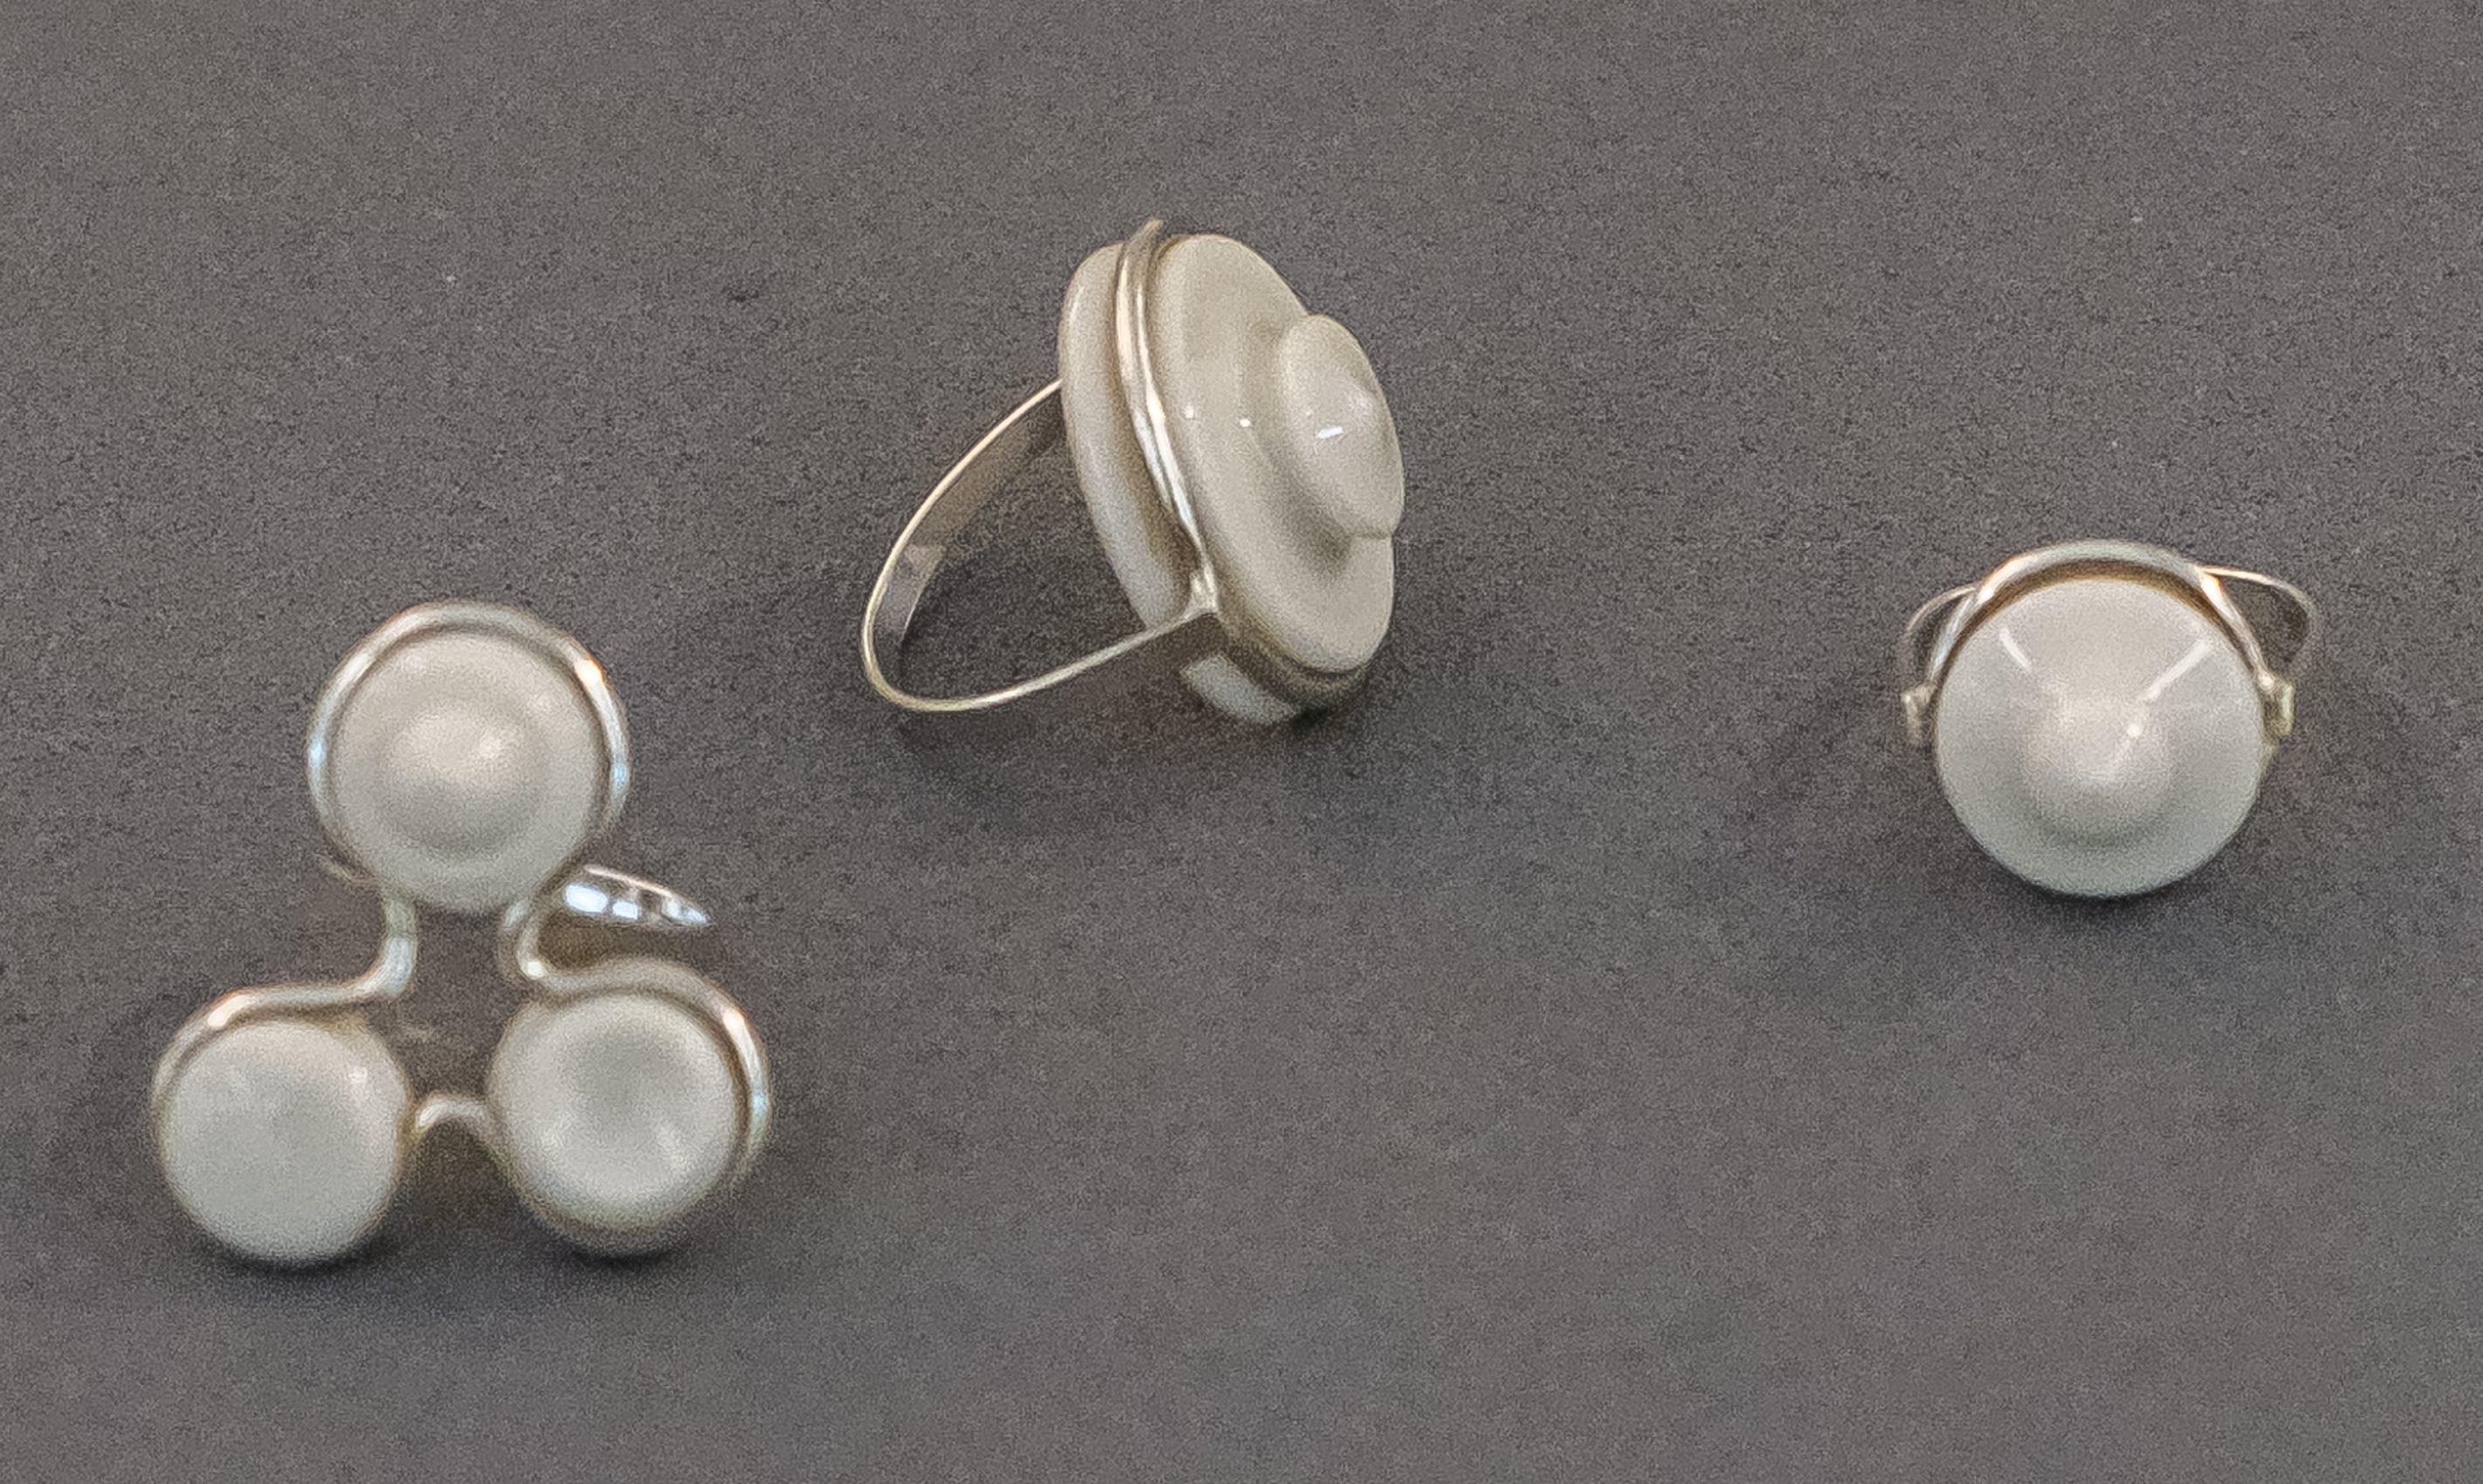 Judith Bloedjes, ringen, CODA, 2021, tentoonstelling, porselein, zilver